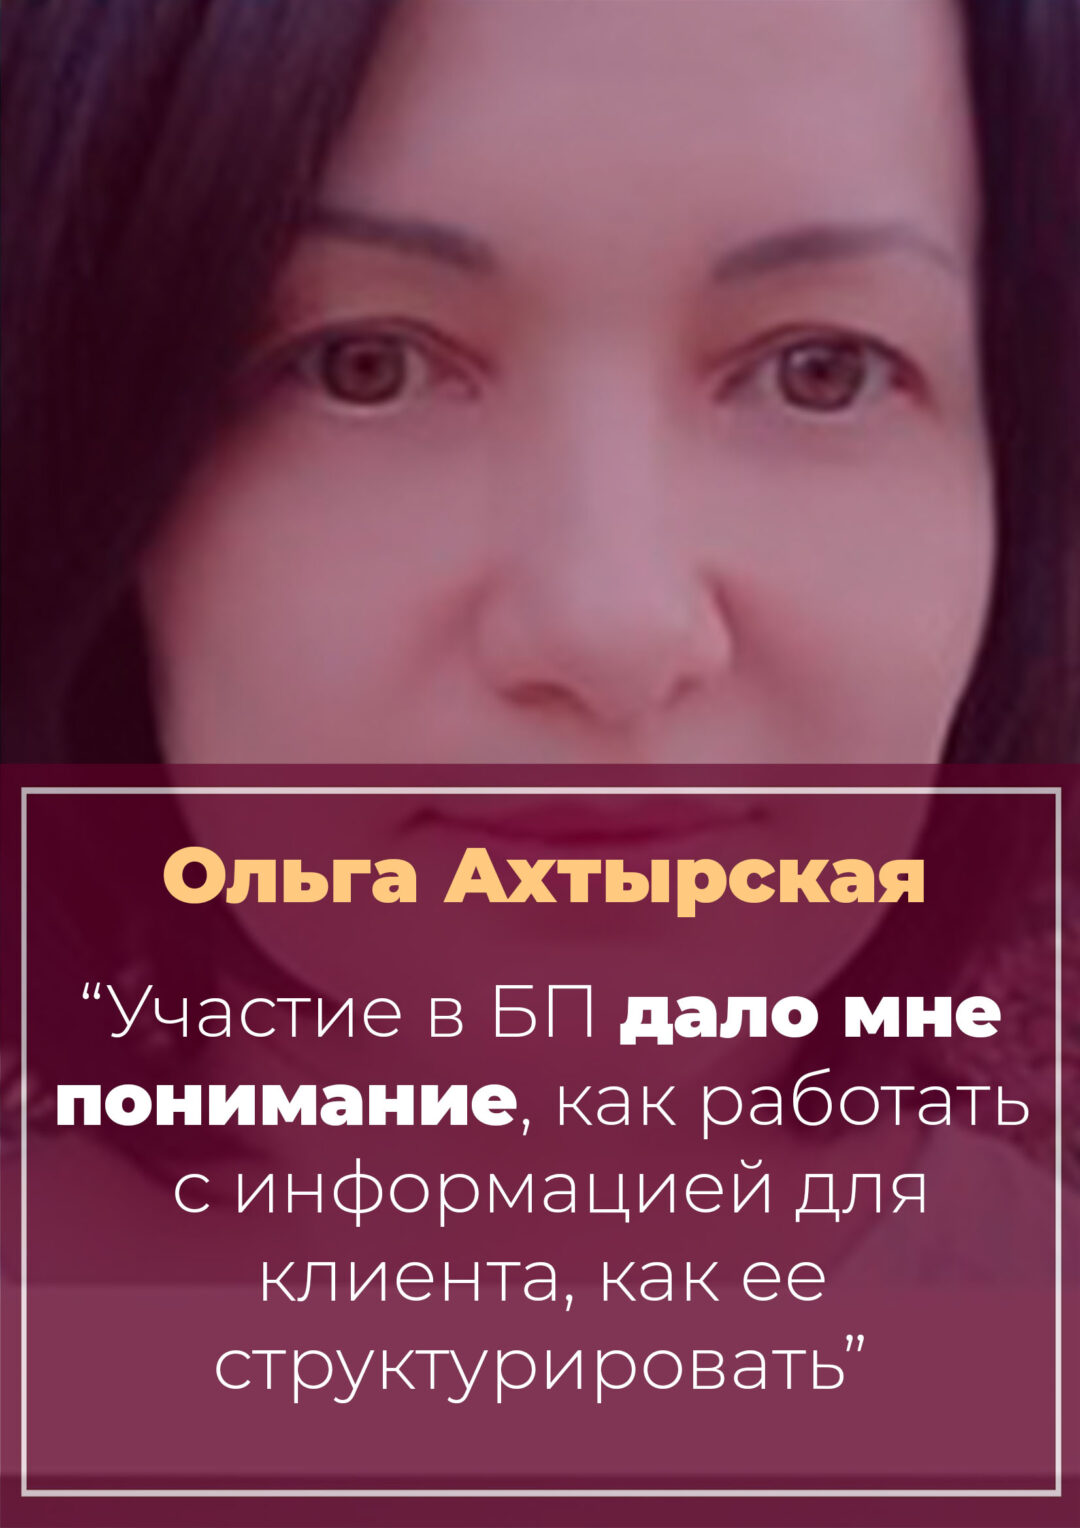 История Ольги Ахтырской